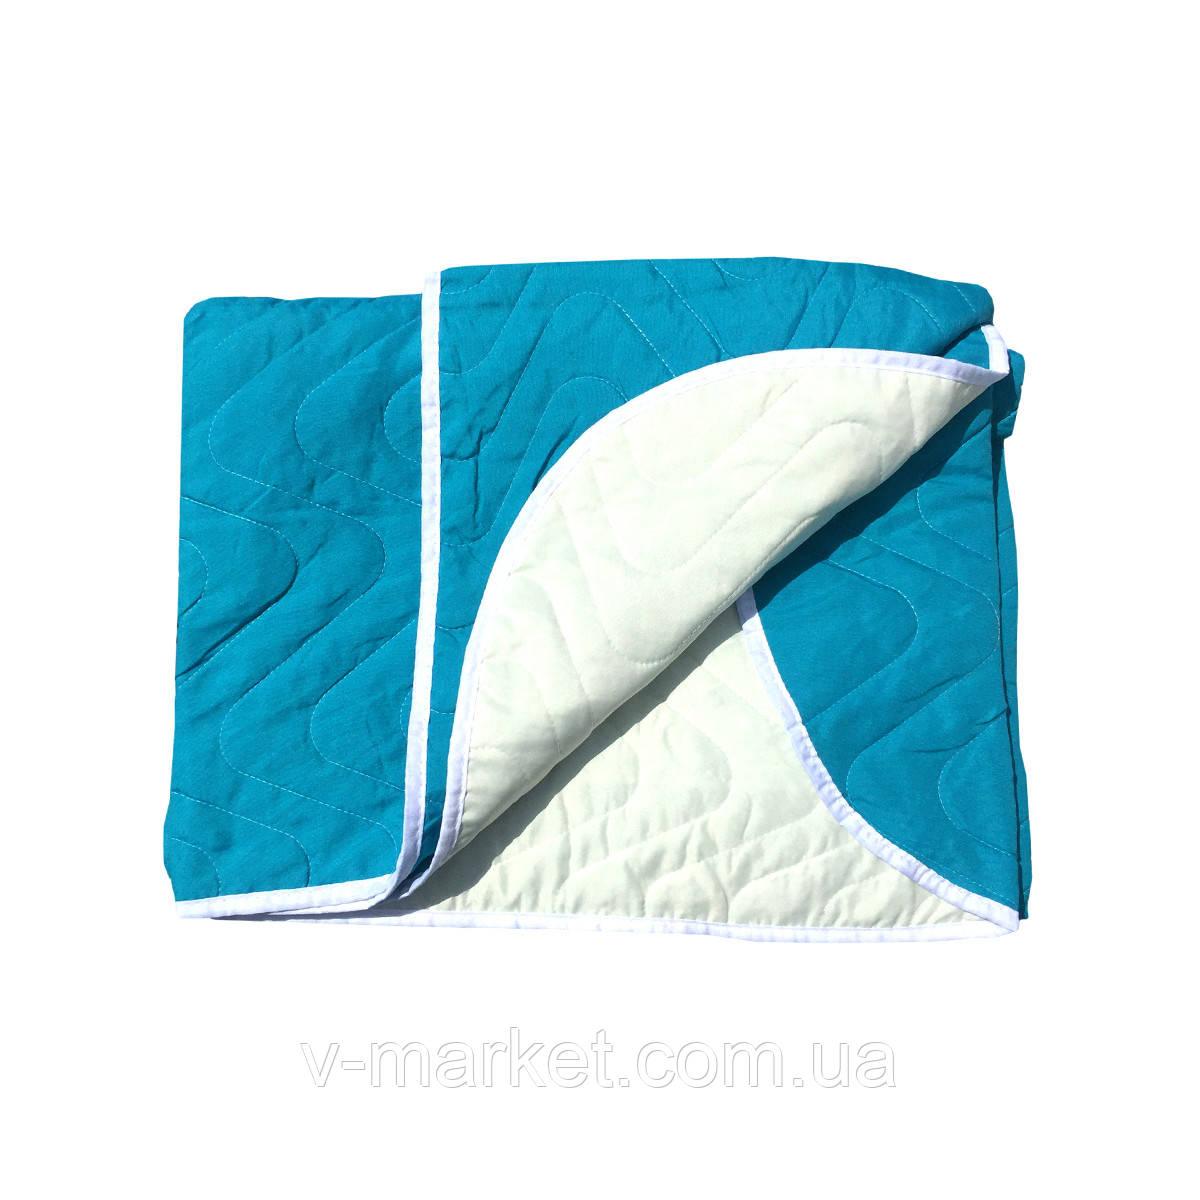 """Летнее одеяло покрывало """"Однотонное"""" евро размер, 195/205"""